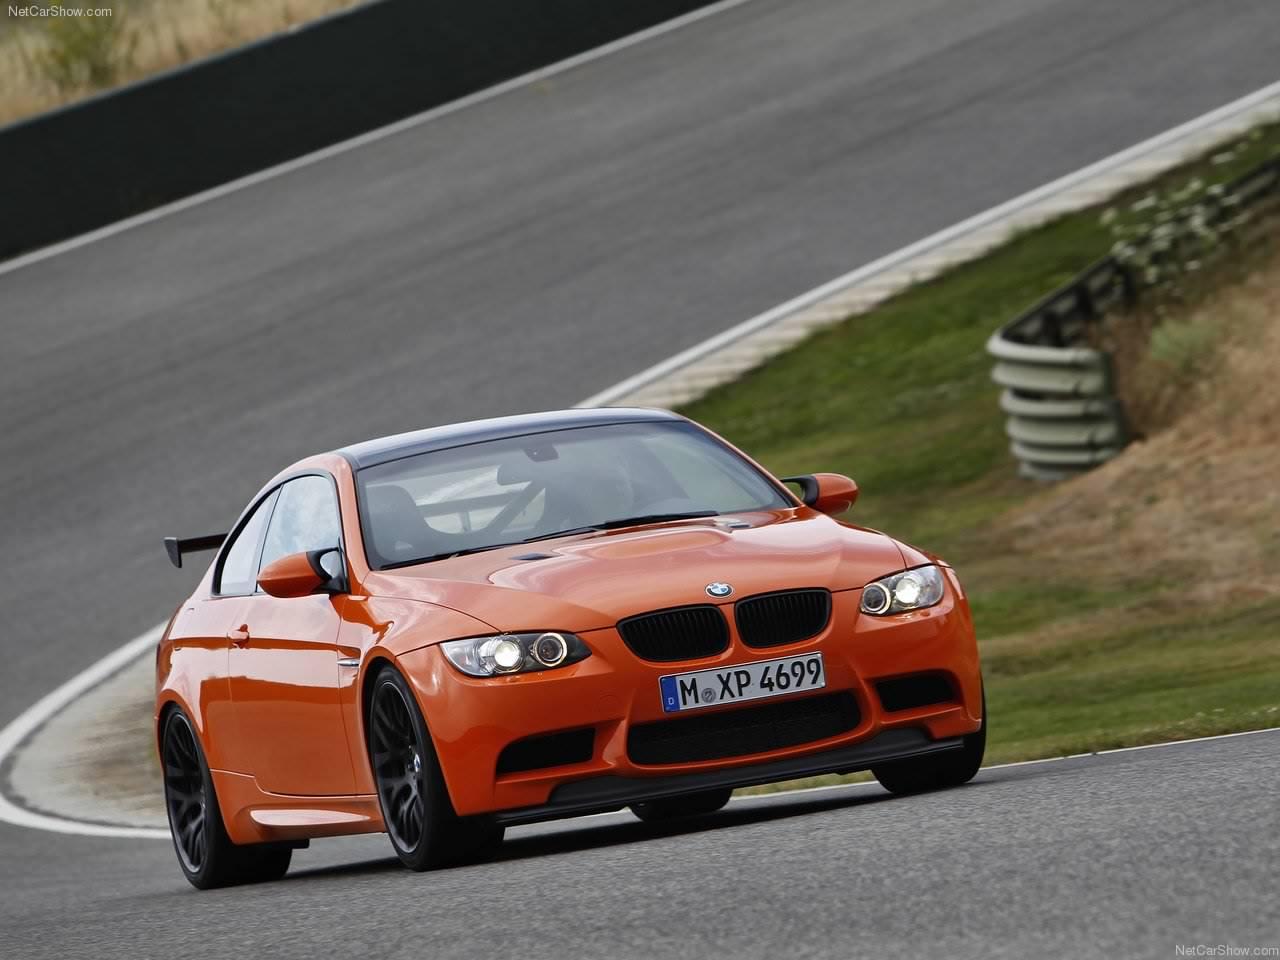 http://4.bp.blogspot.com/_lsyt_wQ2awY/THNtJuhIWjI/AAAAAAACEaM/R3-qOPzeNfs/s1600/BMW-M3_GTS_2011_1280x960_wallpaper_08.jpg